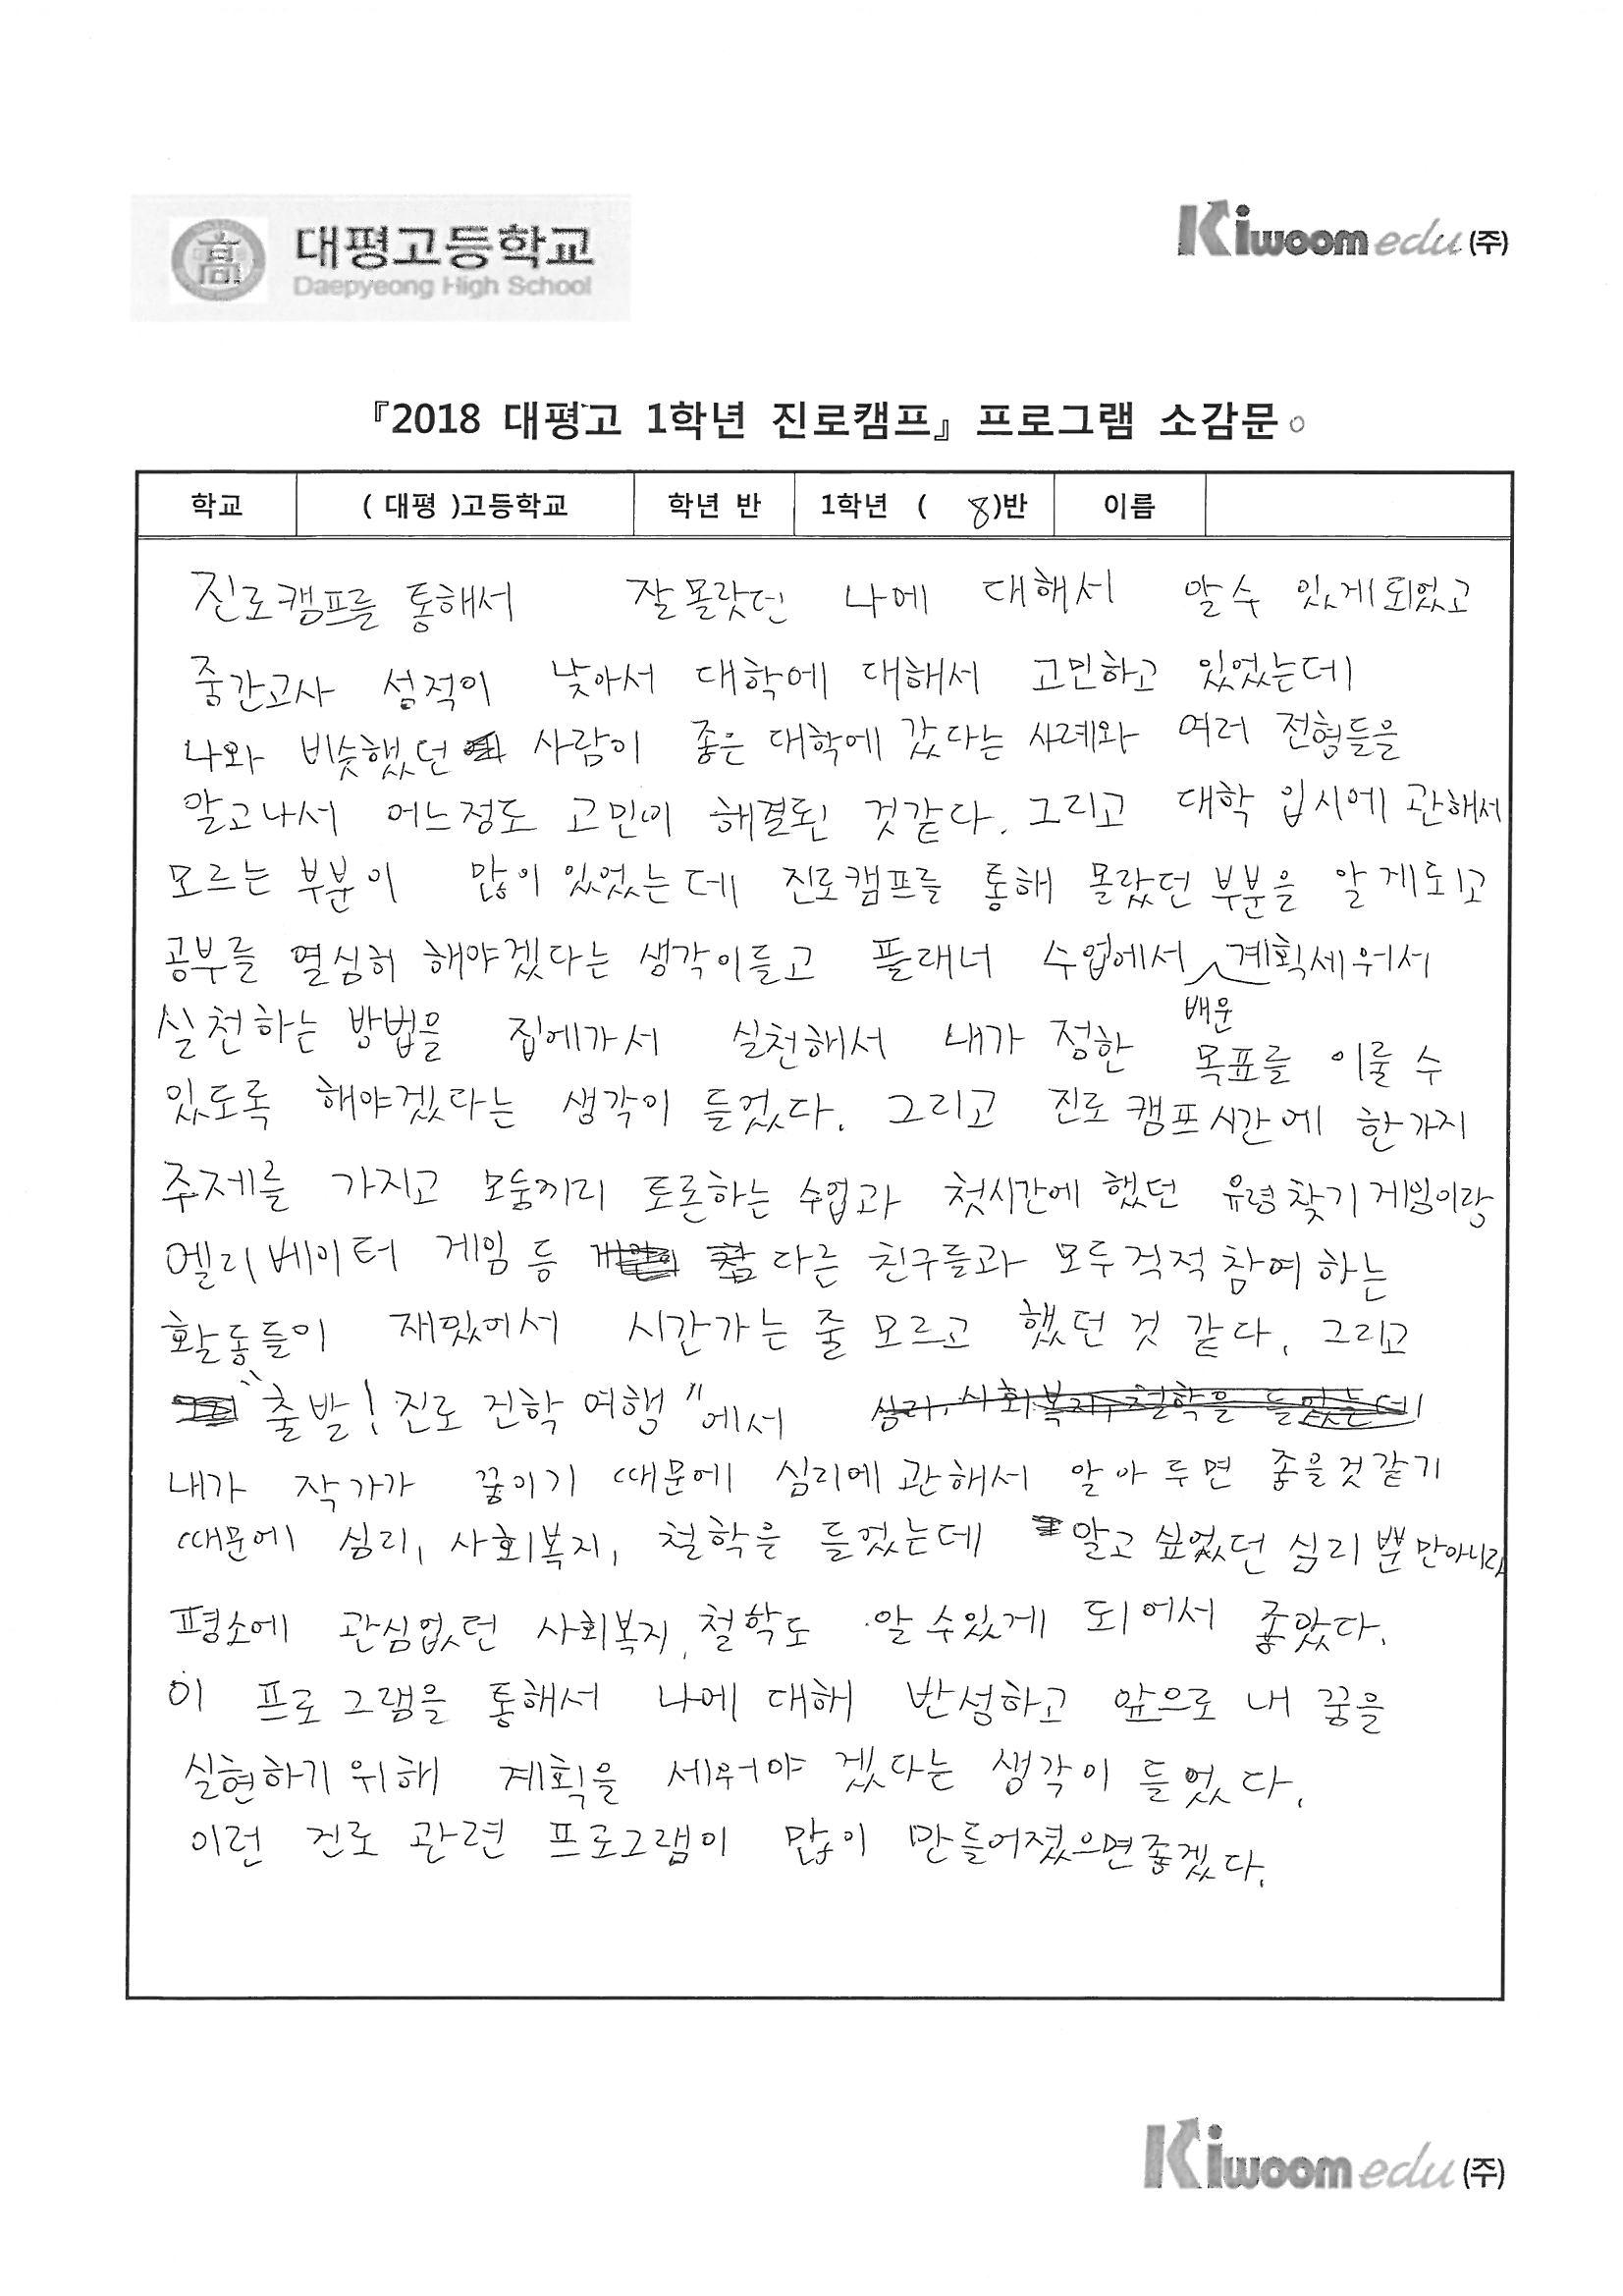 2018 대평고 우수 소감문_Page_24.jpg